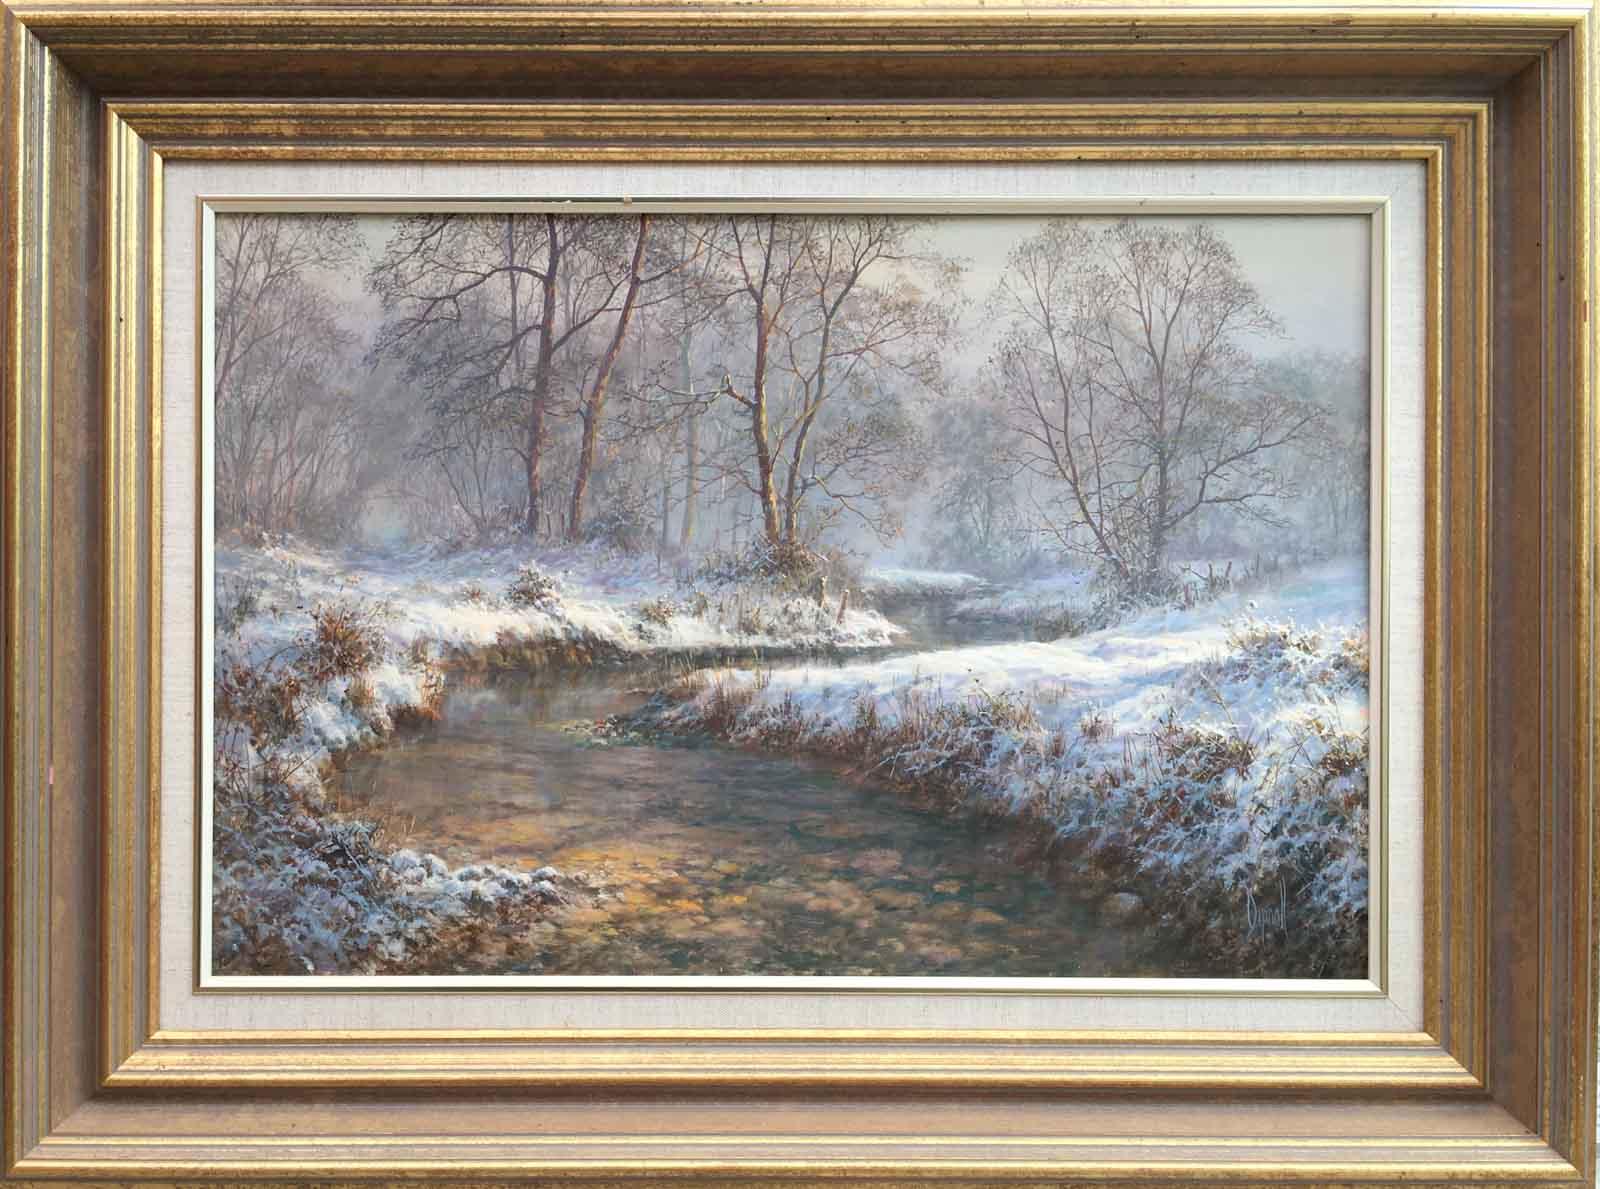 Winter Sunlight, David Dipnall